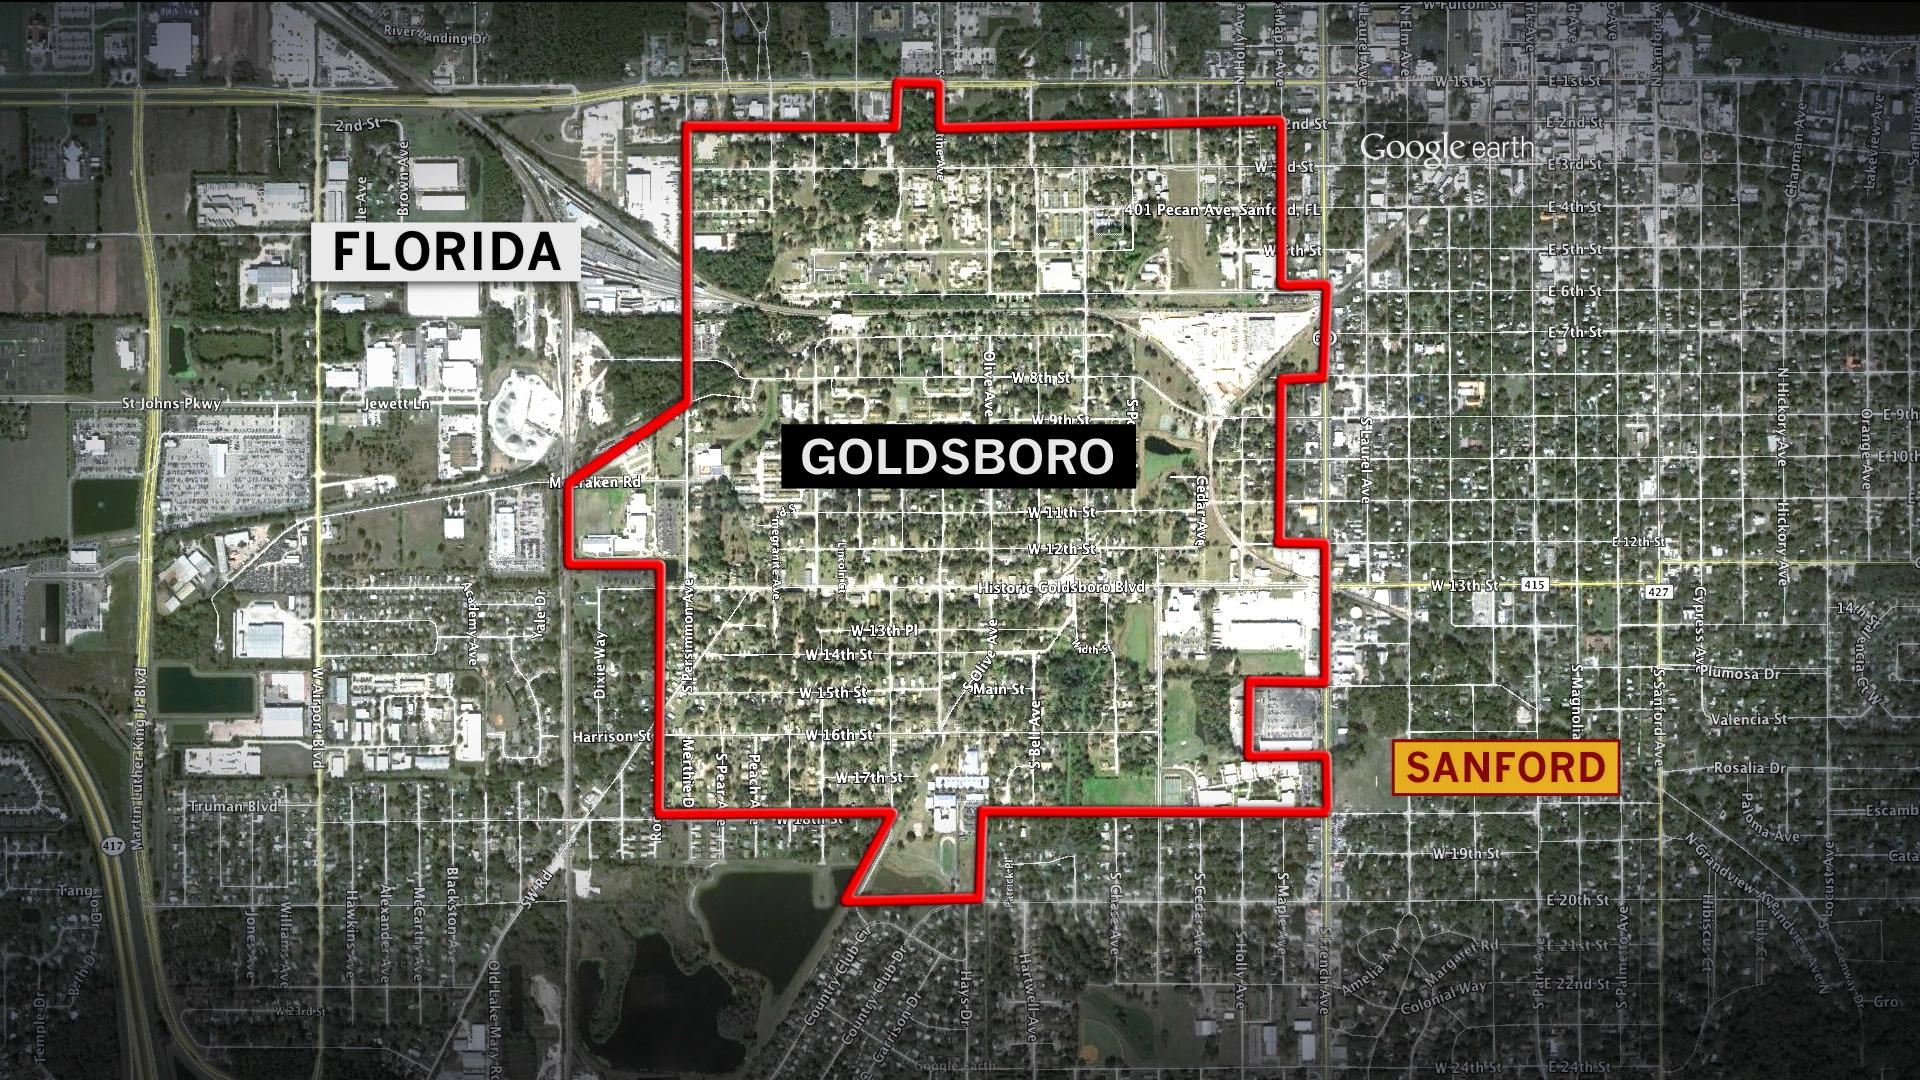 Sanford, Florida: A town divided?